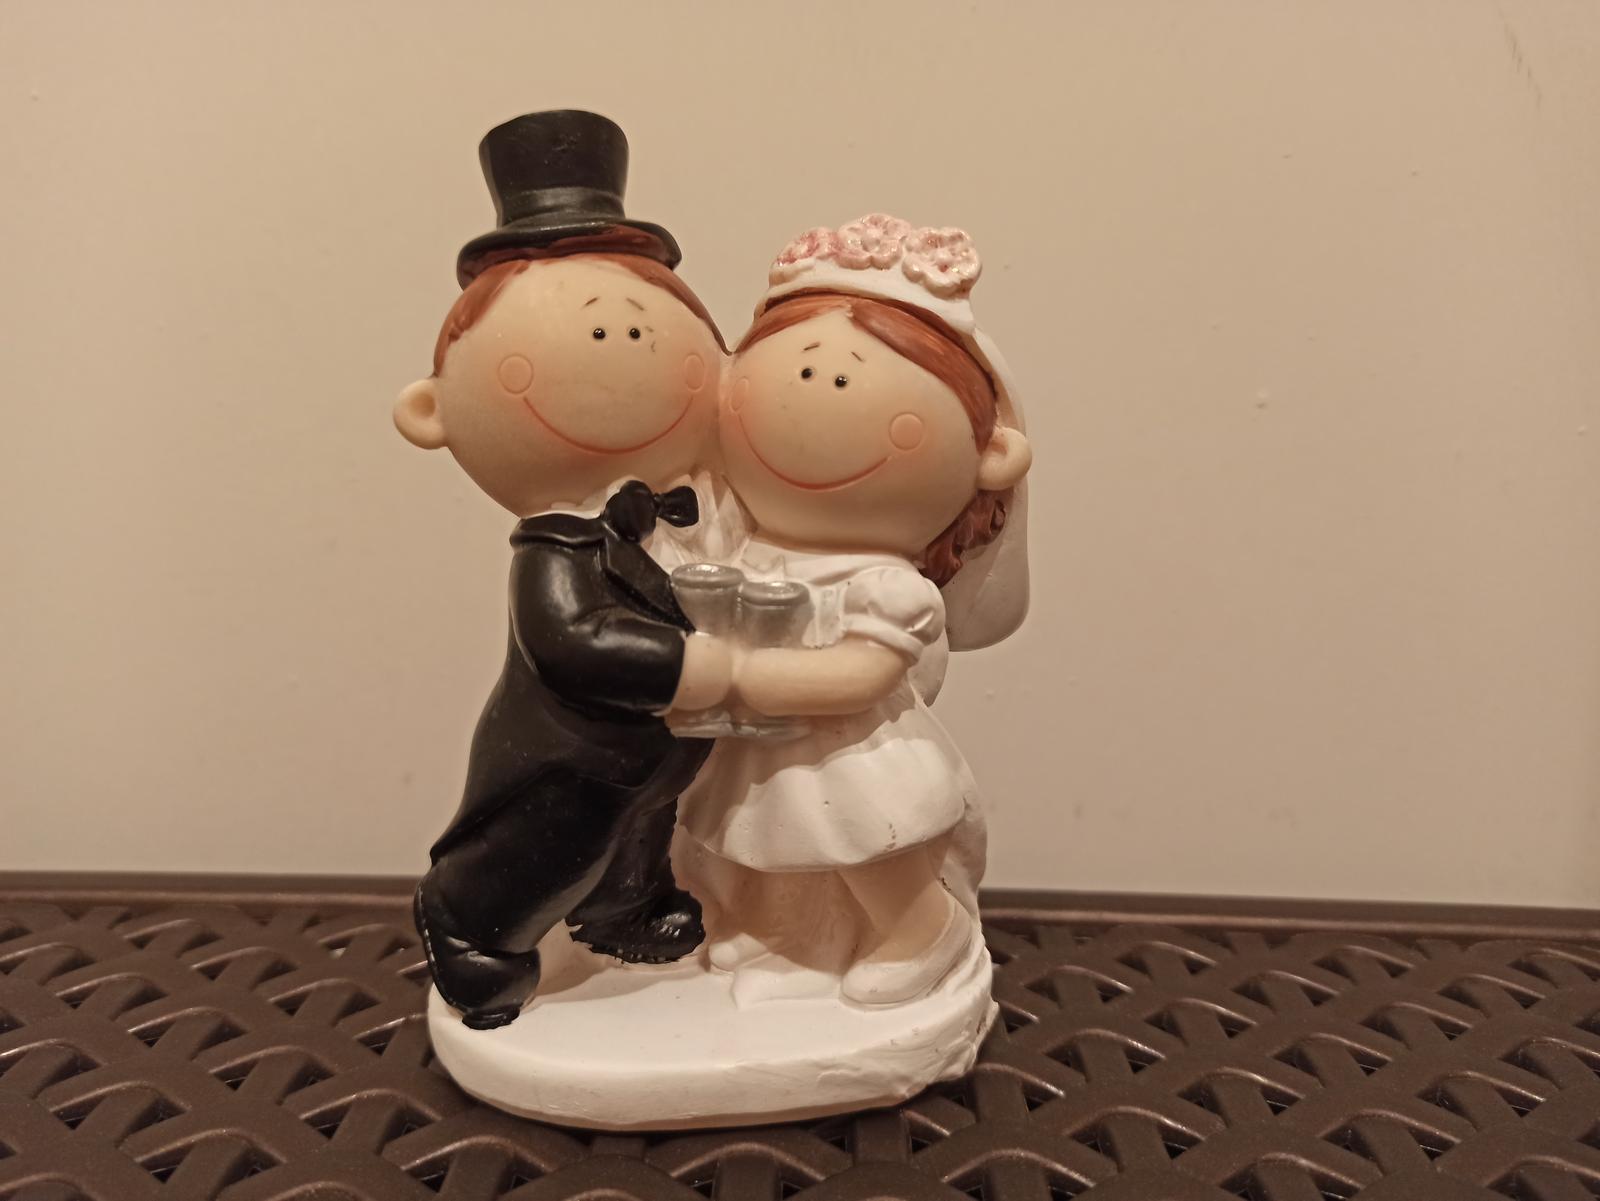 figurka na dort - Obrázek č. 1